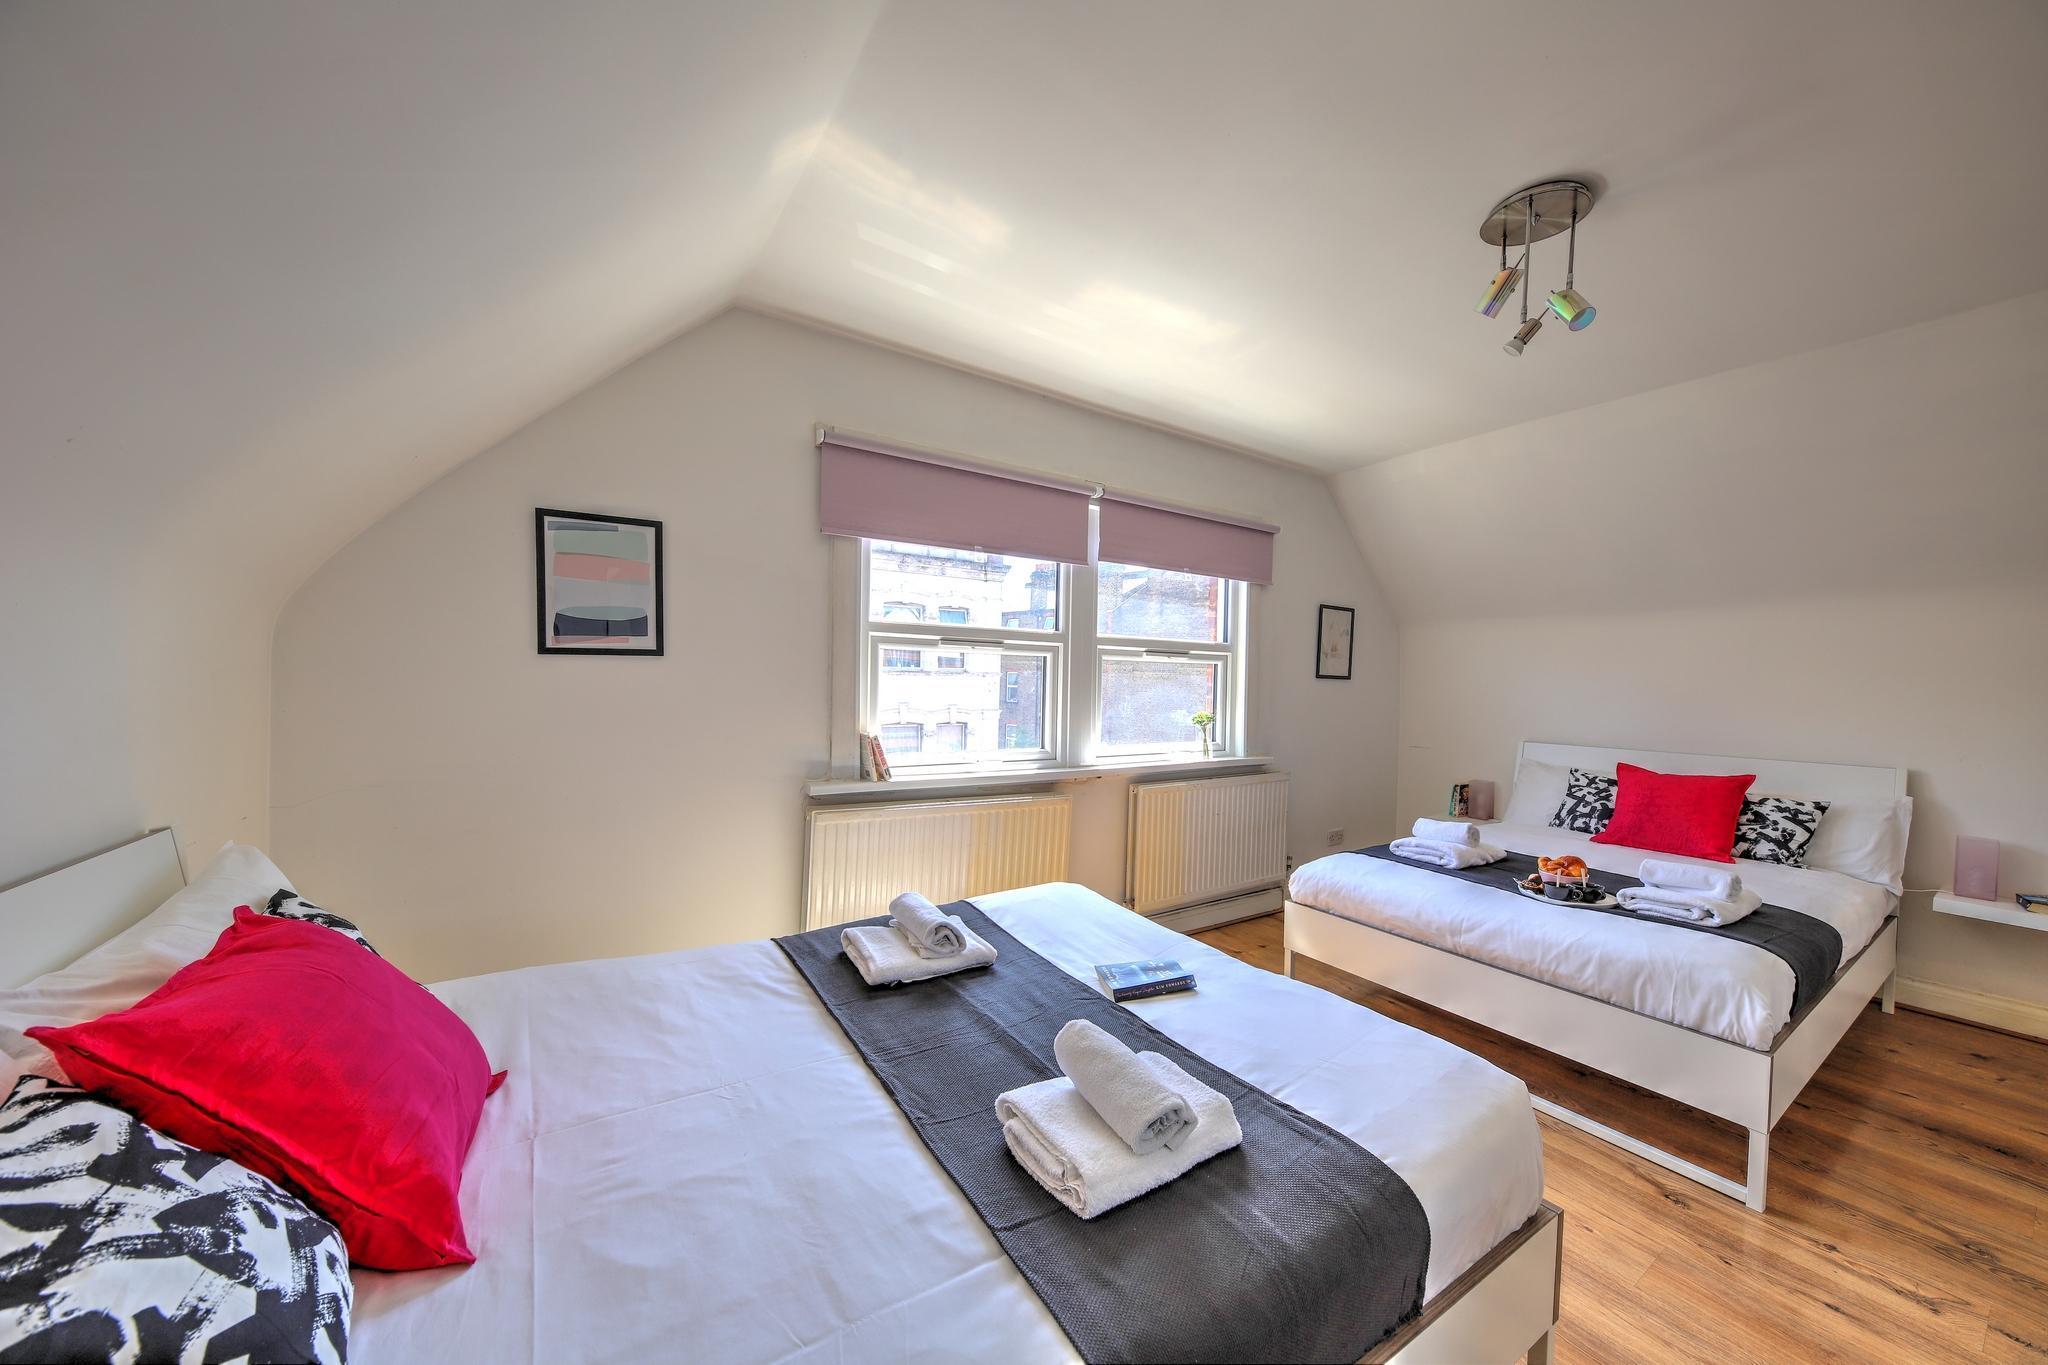 1 Bedroom Apt in London#30.1B